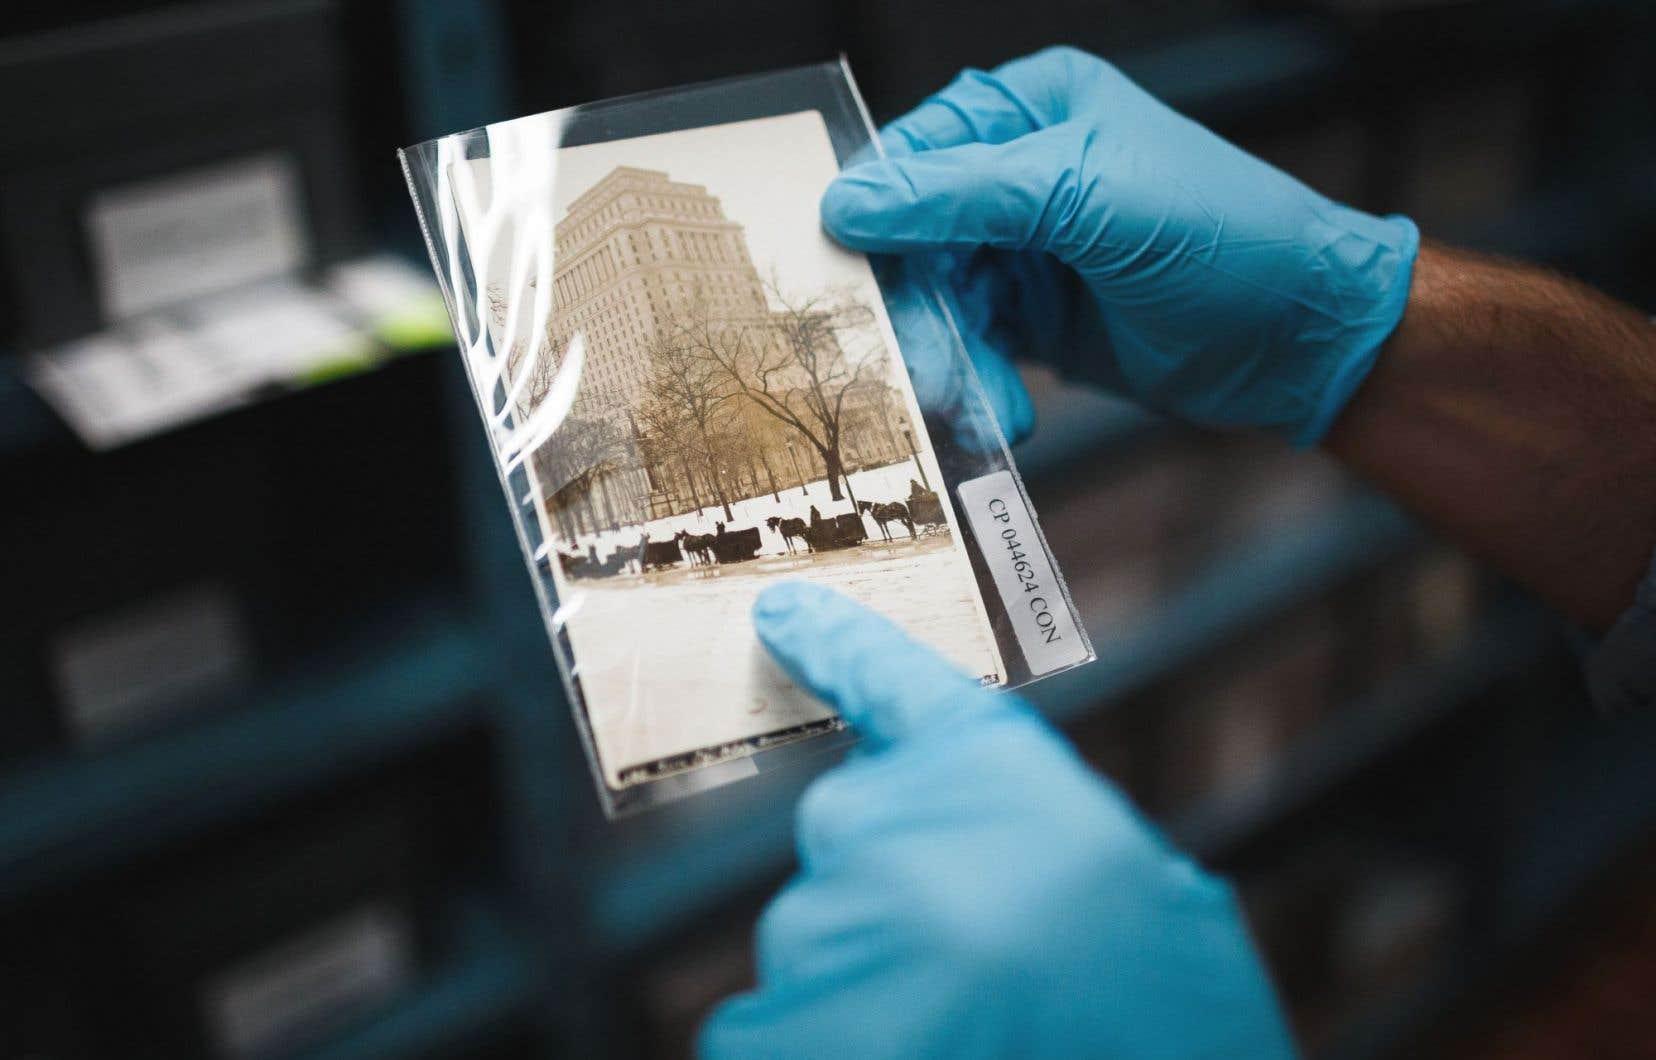 datant vieilles photographies cartes postales